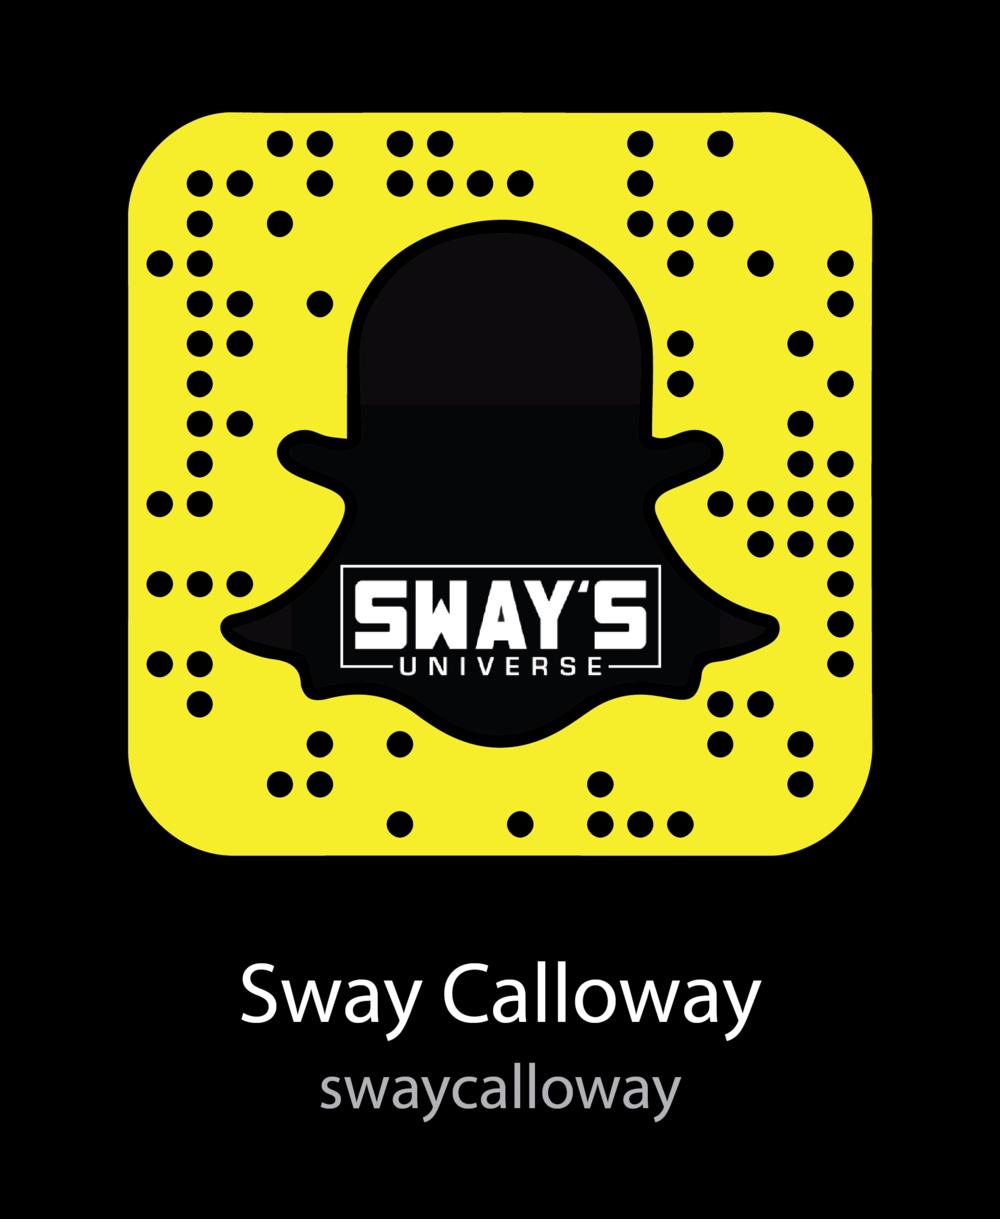 swaycalloway-Radio-Stations-snapchat-snapcode.png